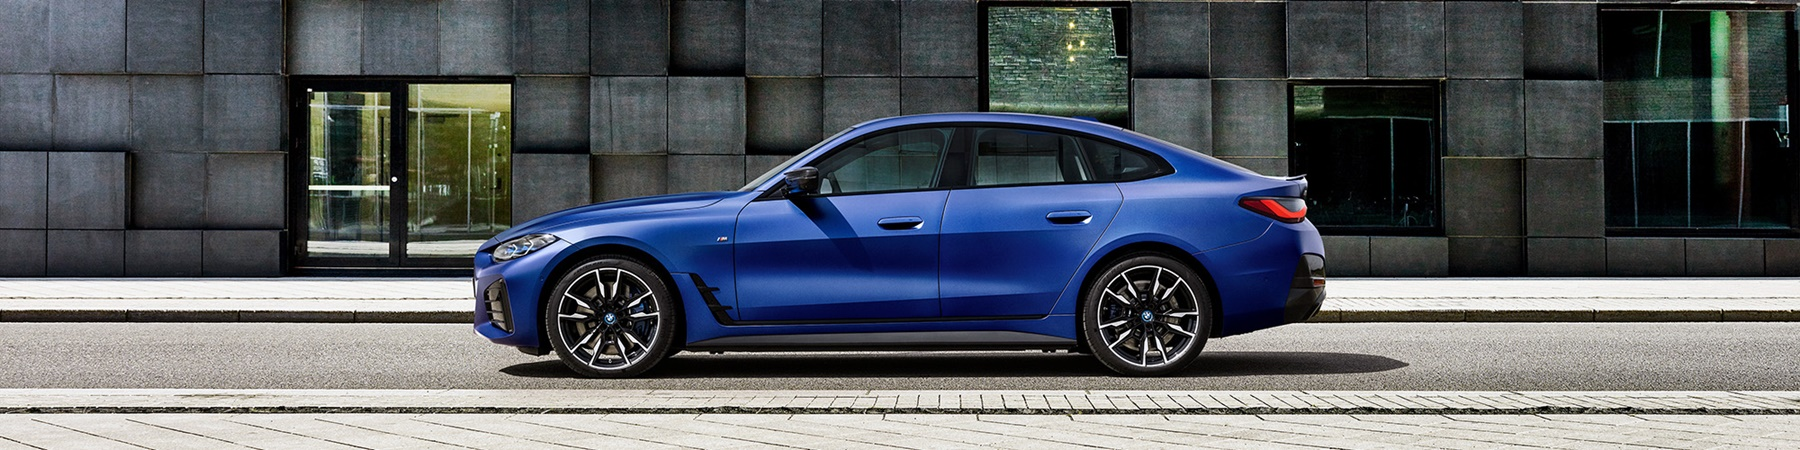 BMW i4 83.9kWh 434 km actieradius